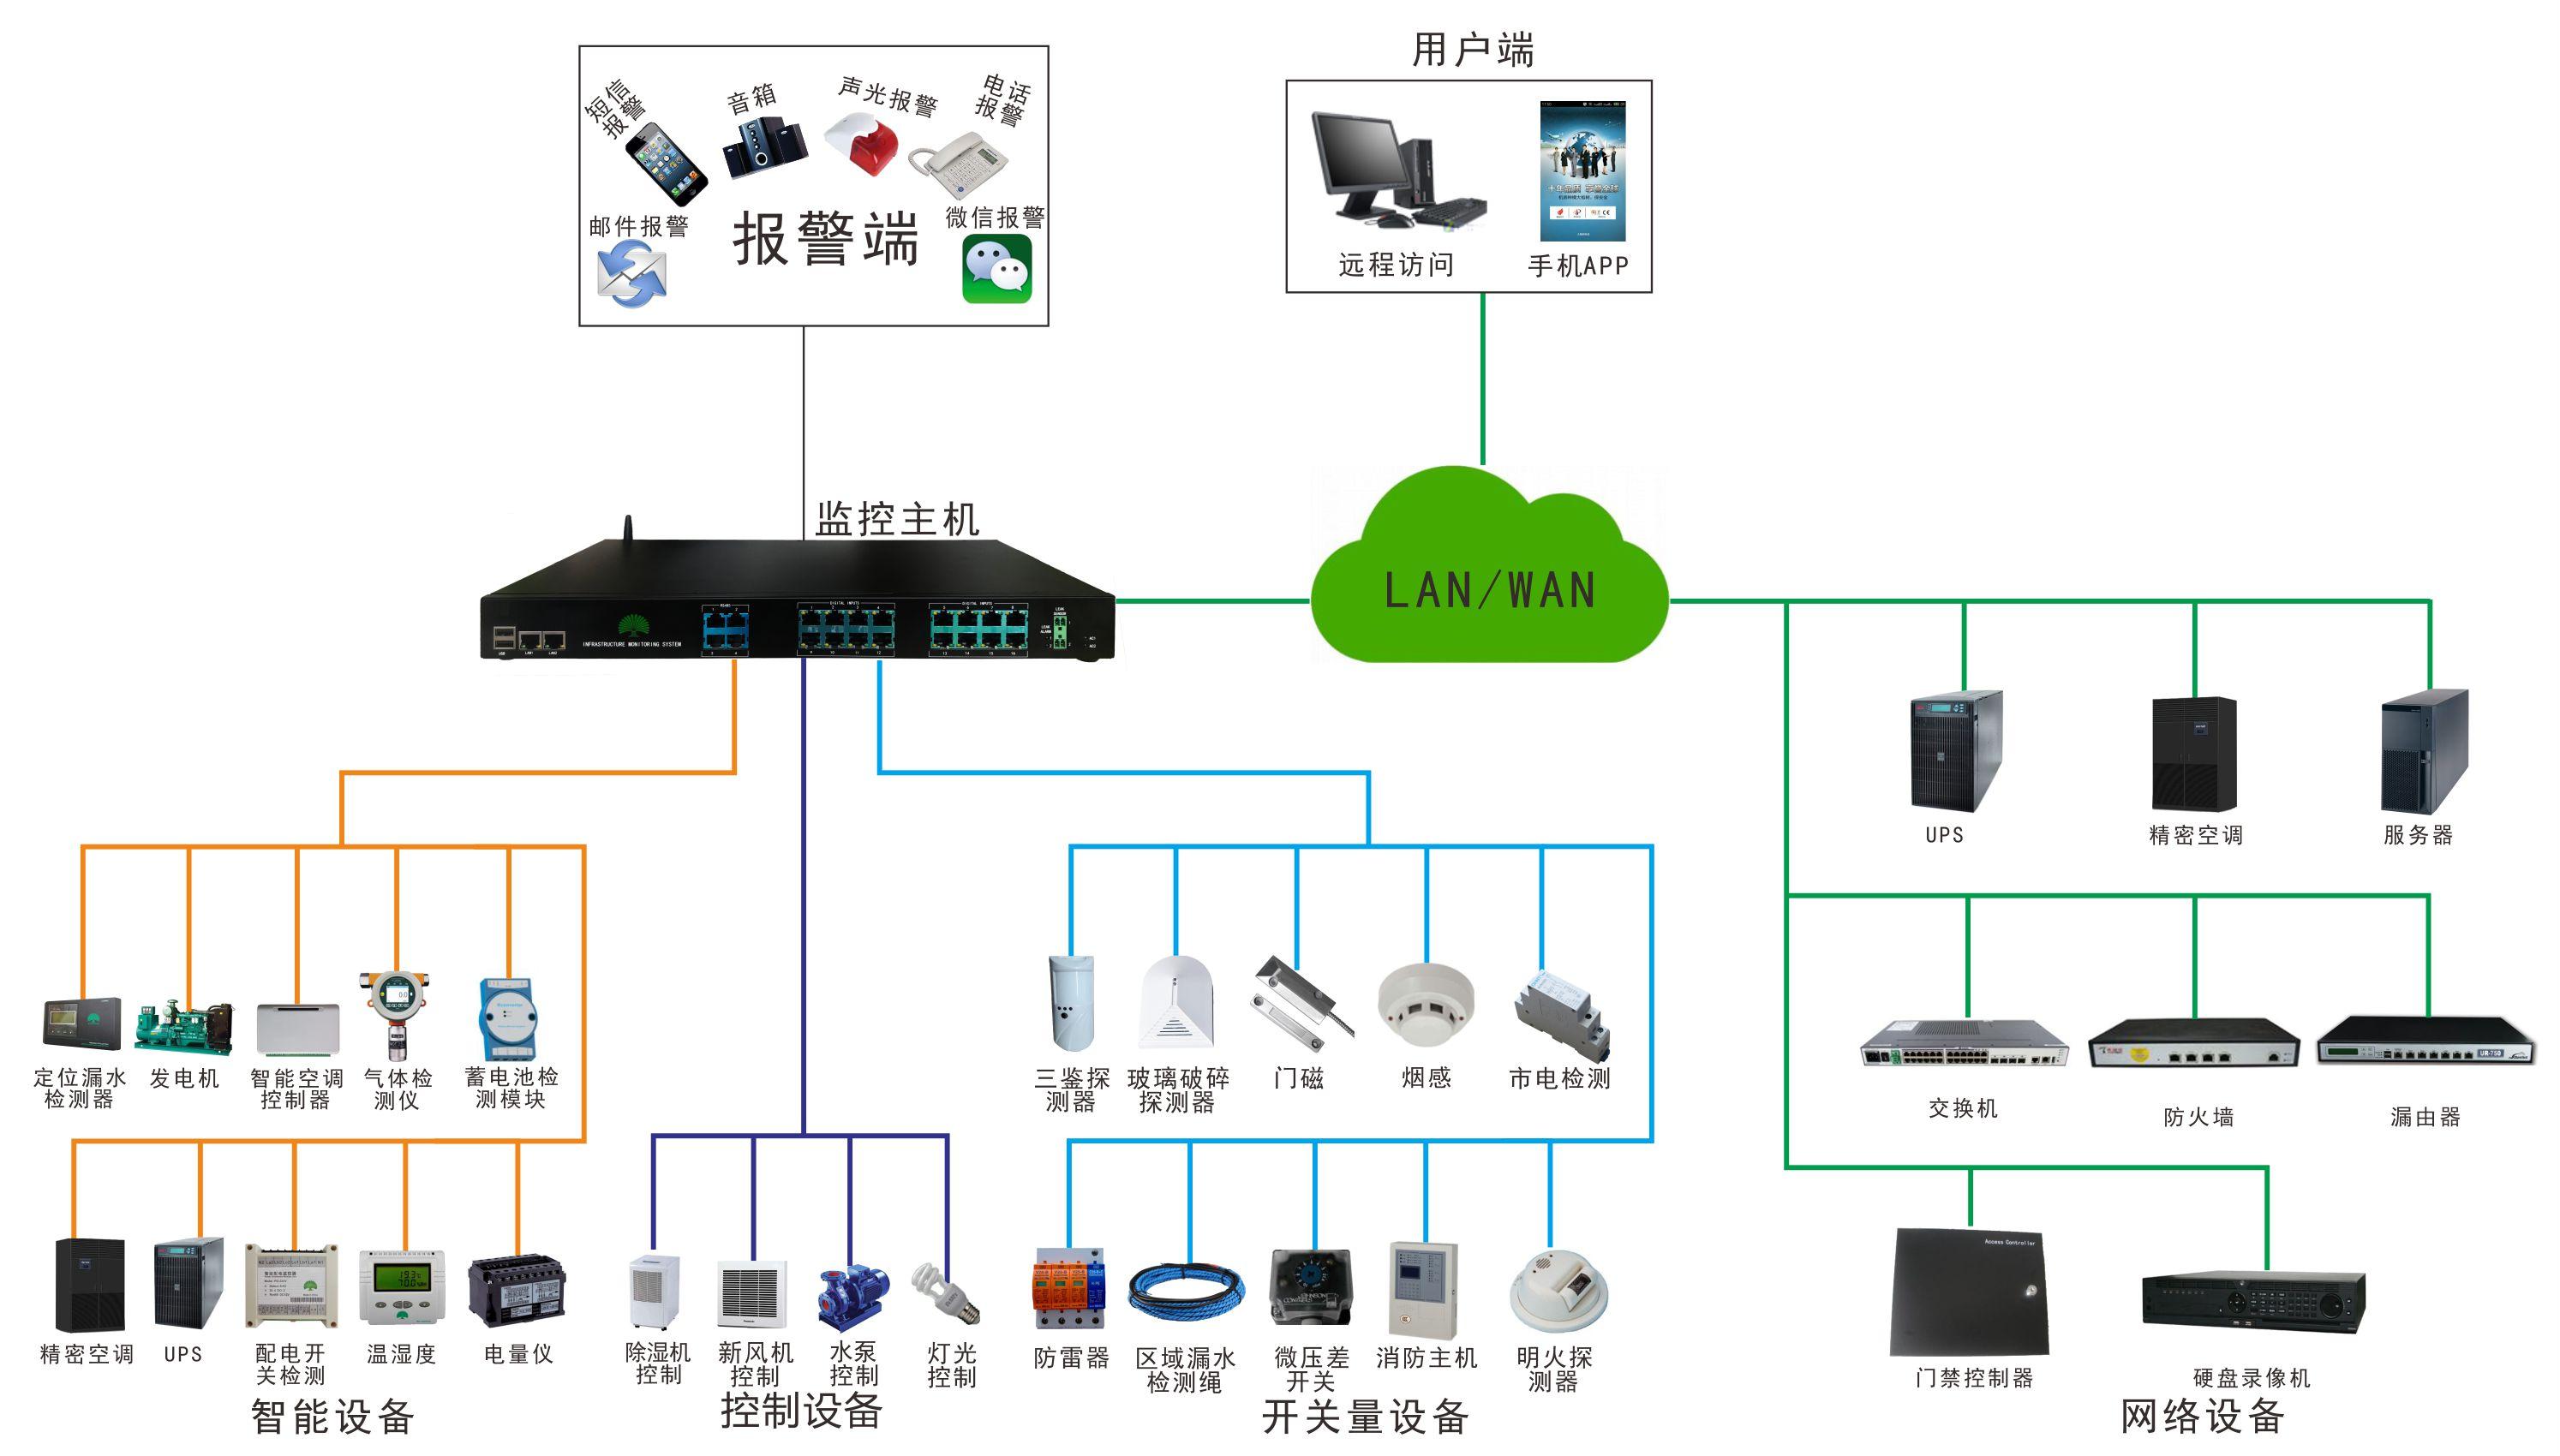 中小机房监控系统图